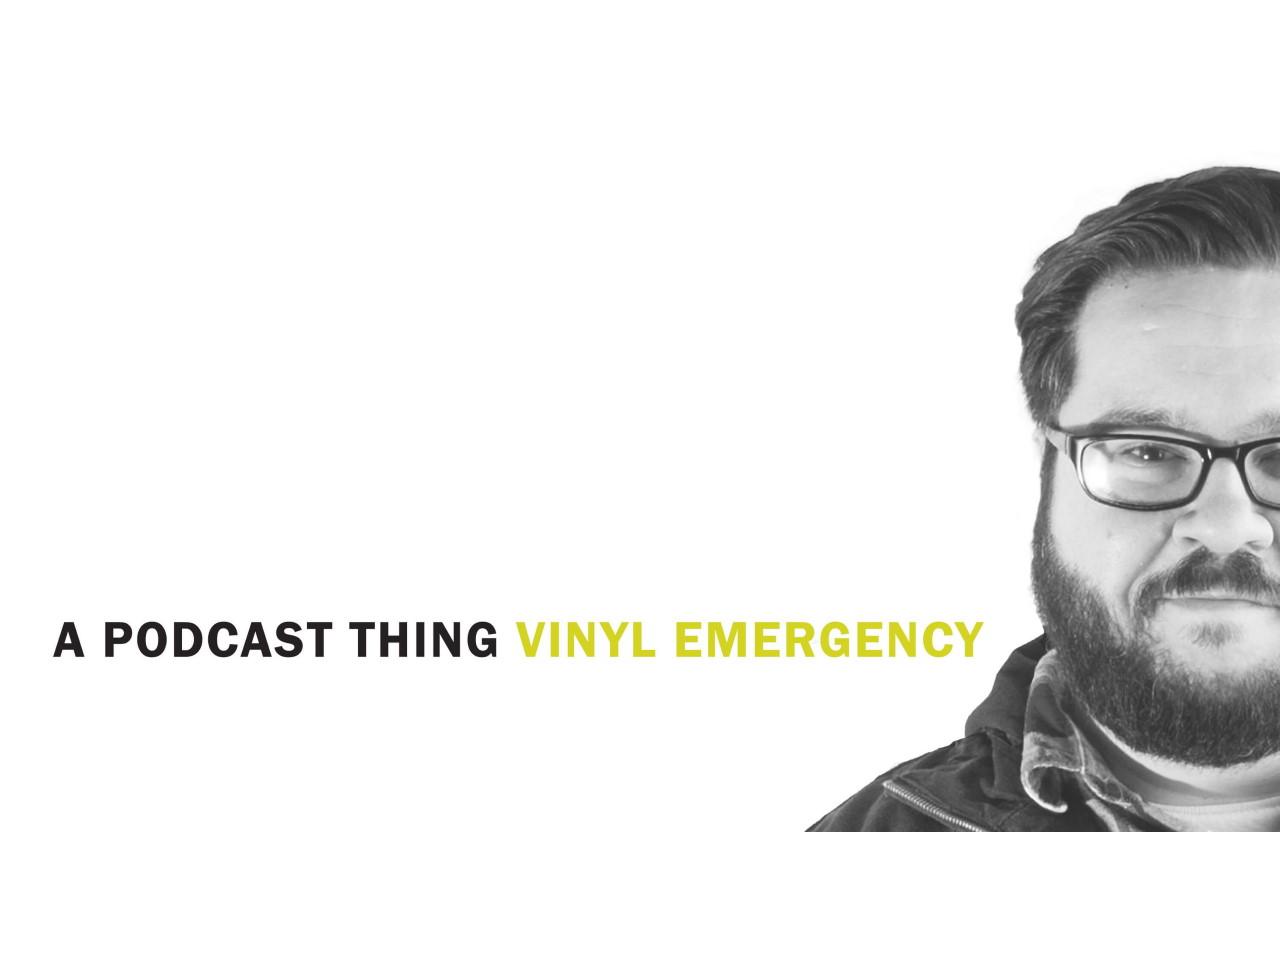 vinyl emergency podcast